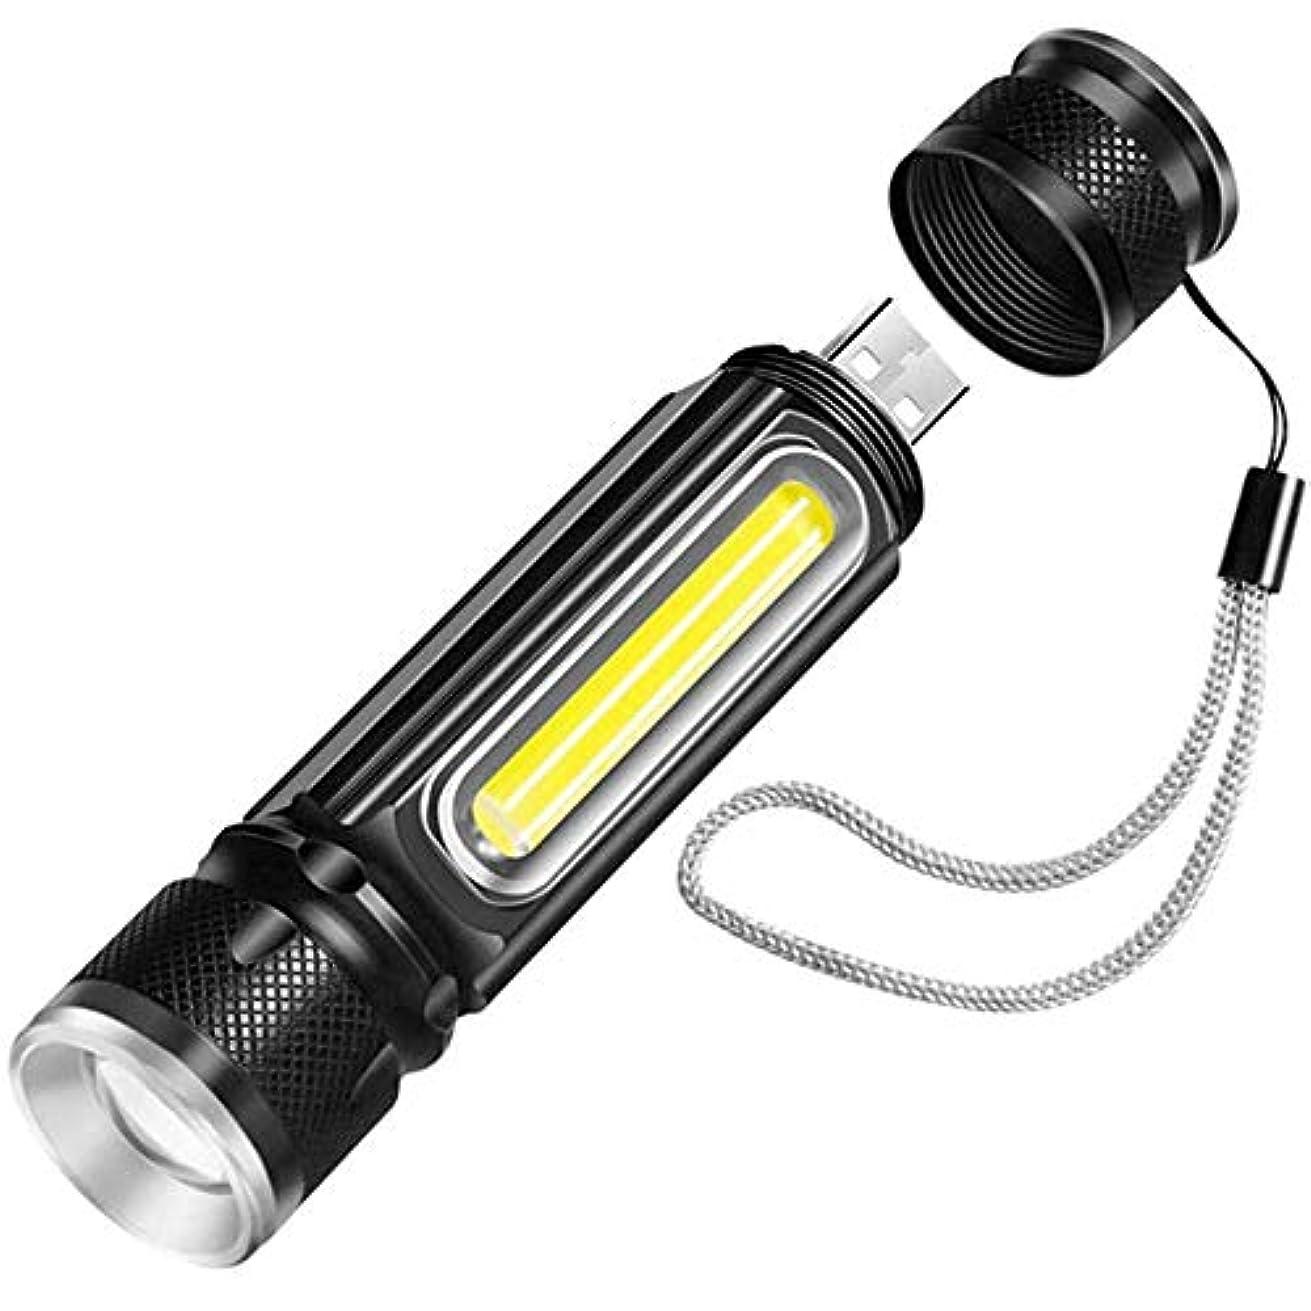 目を覚ます終わらせる暗唱するLVESHOP USB充電式戦術懐中電灯、内蔵COBサイドライト[18650バッテリー込み]およびマグネット、Cree XML-T6 LED付きの明るい800ルーメン、ズーム可能、IP65防水、屋内/屋外